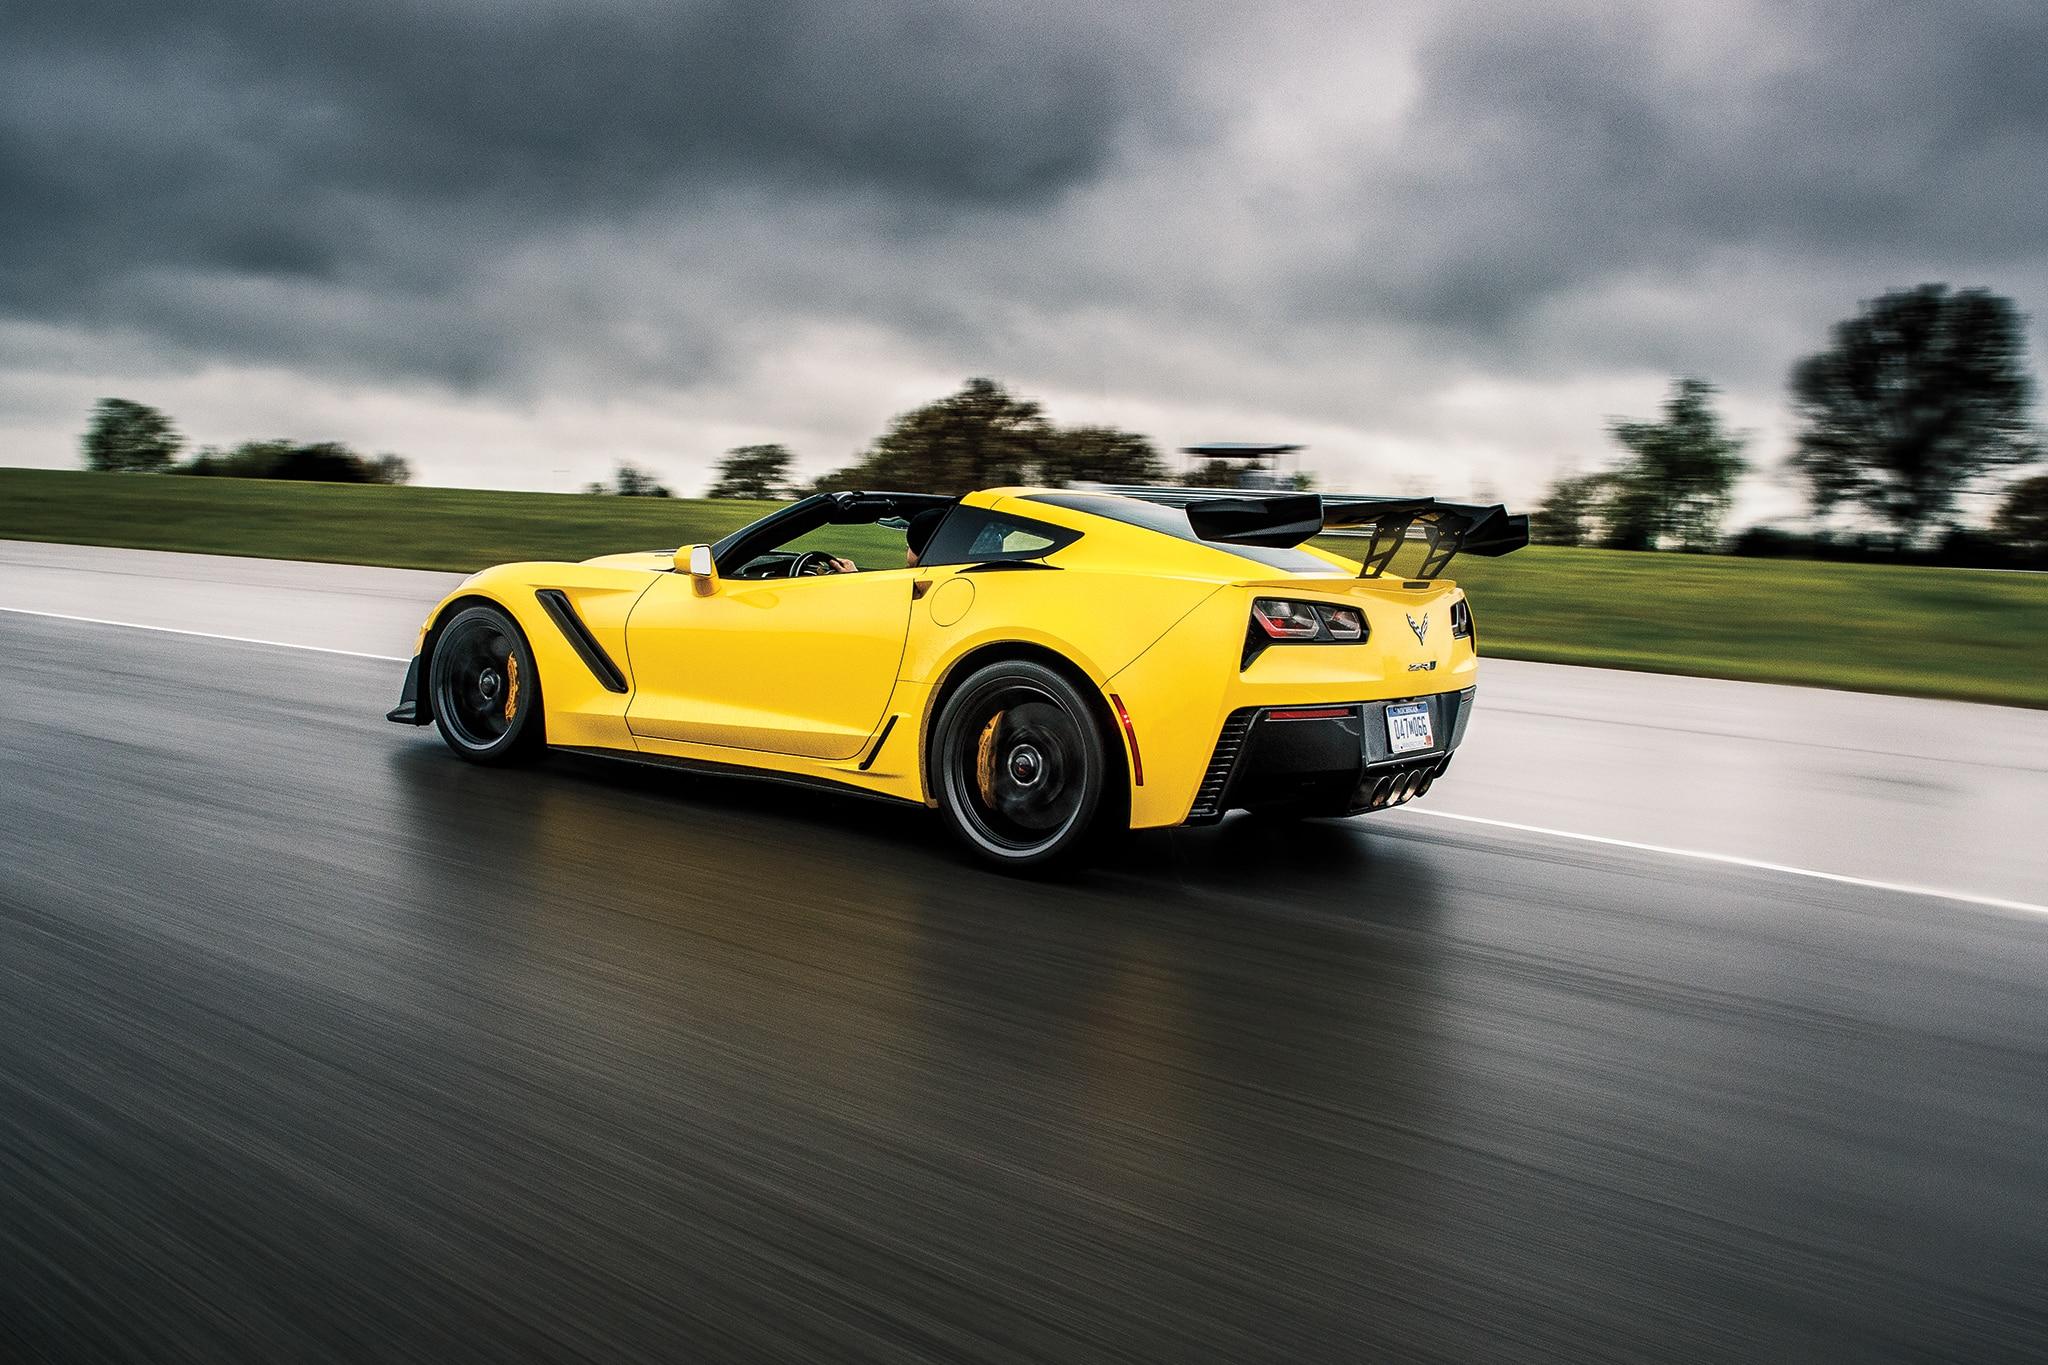 2019 Chevrolet Corvette ZR1 Meets 1990 Corvette ZR1 ...